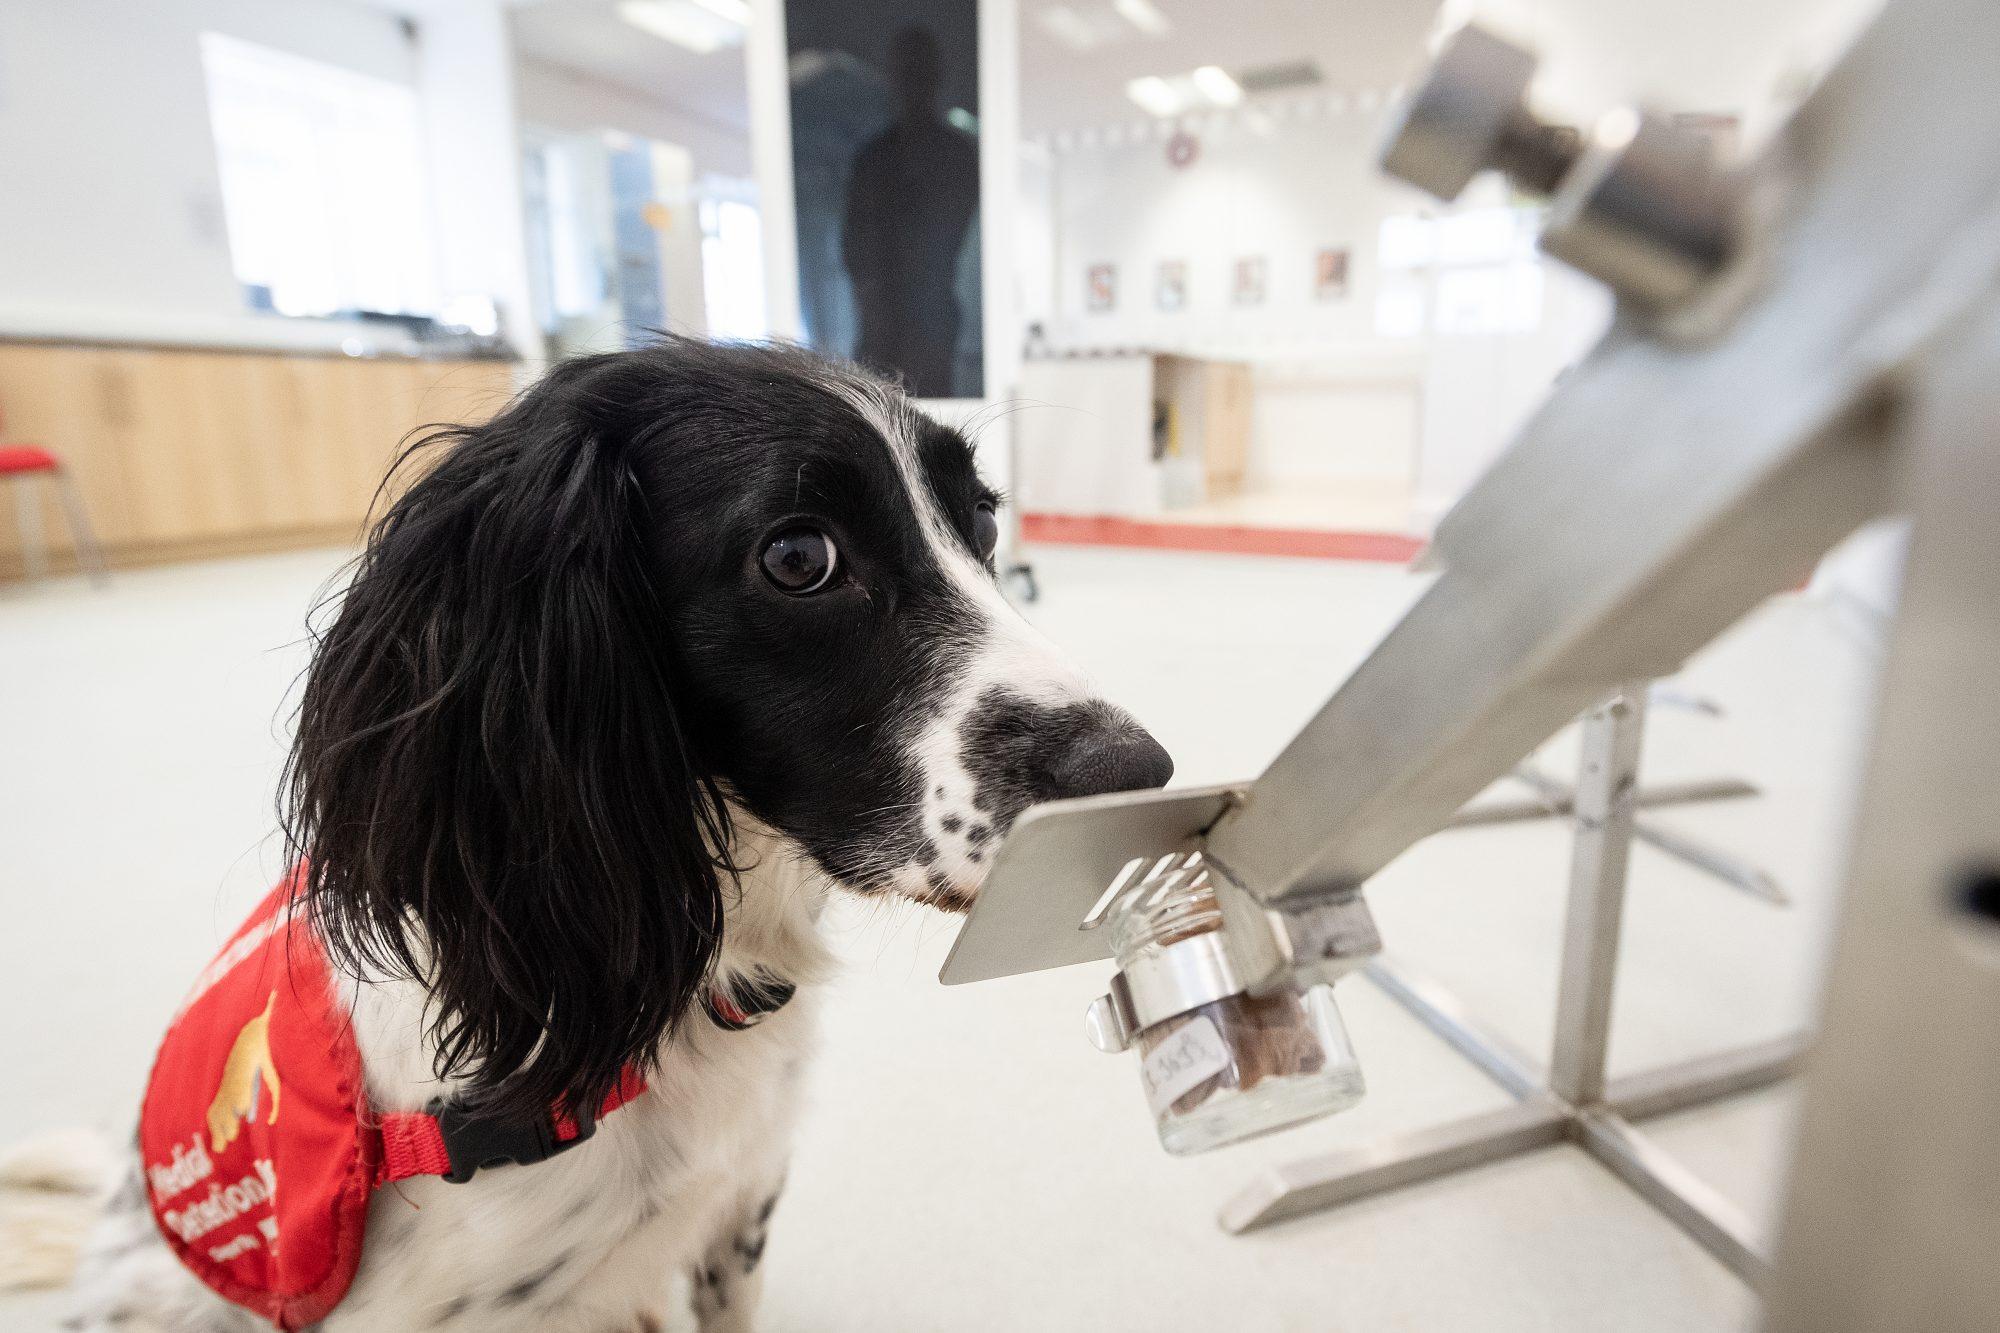 Perros pueden oler la COVID-19